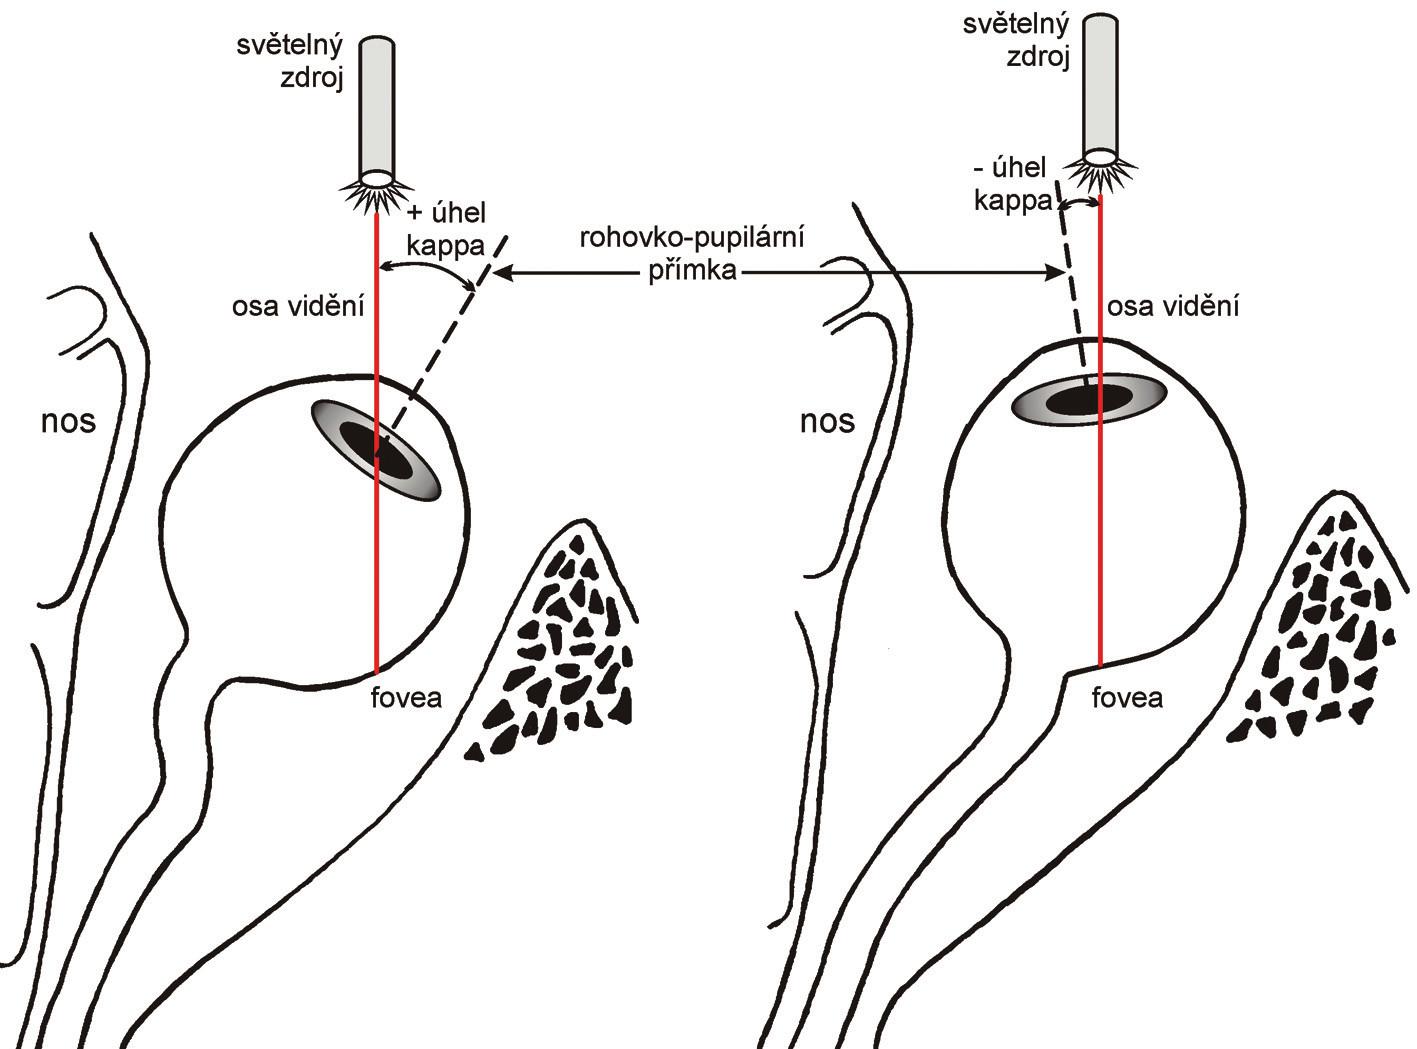 Schematické zobrazení pozitivního a negativního úhlu kappa